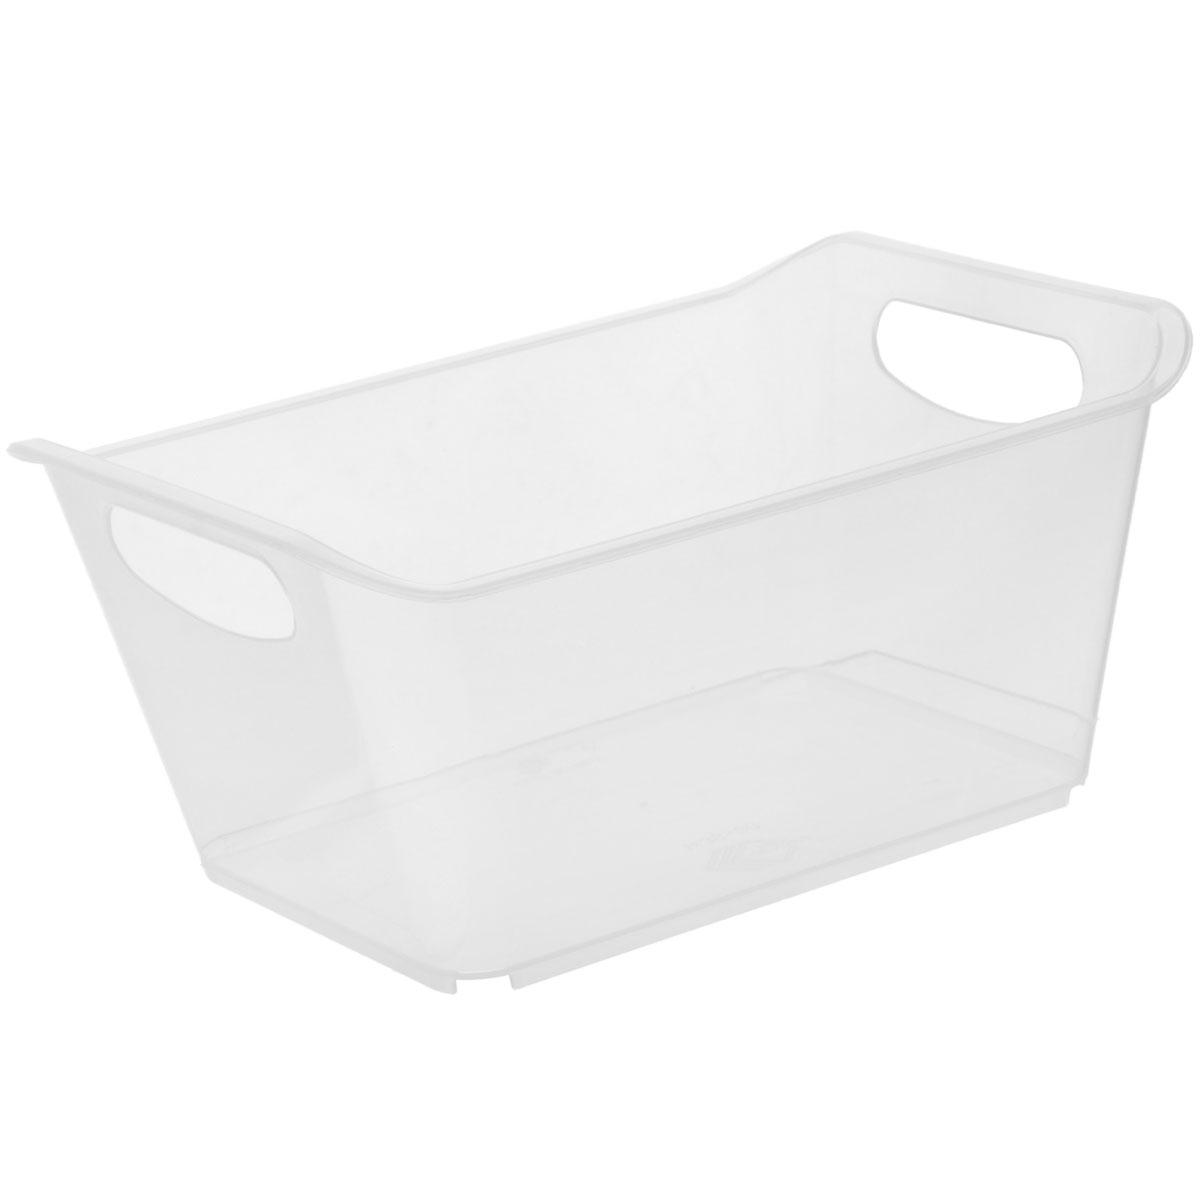 Контейнер Gensini, цвет: прозрачный, 1,5 л3330_прозрачныйКонтейнер Gensini выполнен из прочного пластика. Он предназначен для хранения различных мелких вещей в ванной, на кухне, даче или гараже, исключая возможность их потери. По бокам контейнера предусмотрены две удобные ручки для его переноски.Контейнер поможет хранить все в одном месте, а также защитить вещи от пыли, грязи и влаги. Объем: 1,5 л.